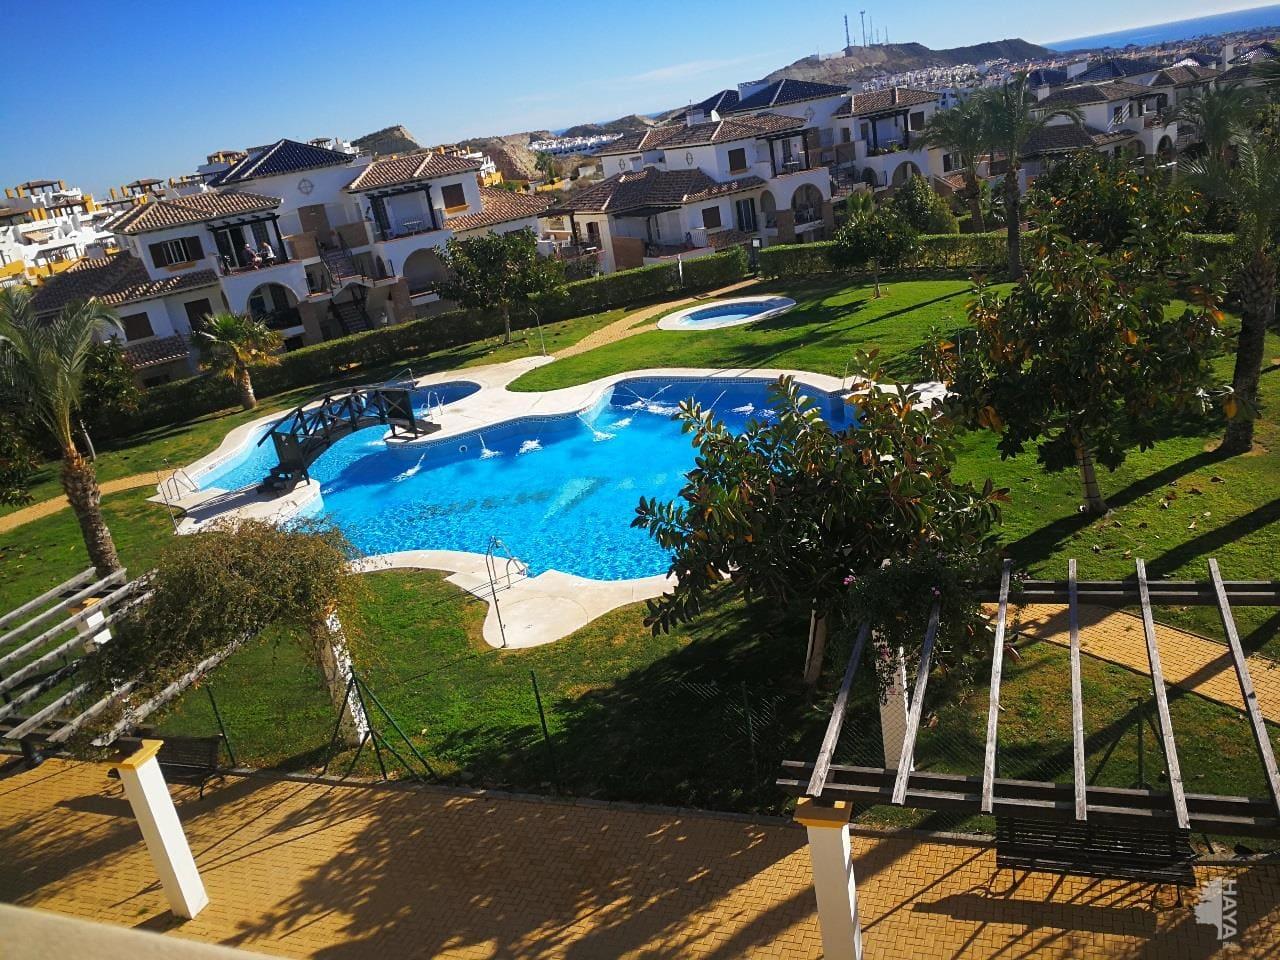 Piso en venta en Vera Playa, Vera, Almería, Calle Tomillo, 97.200 €, 2 habitaciones, 2 baños, 81 m2